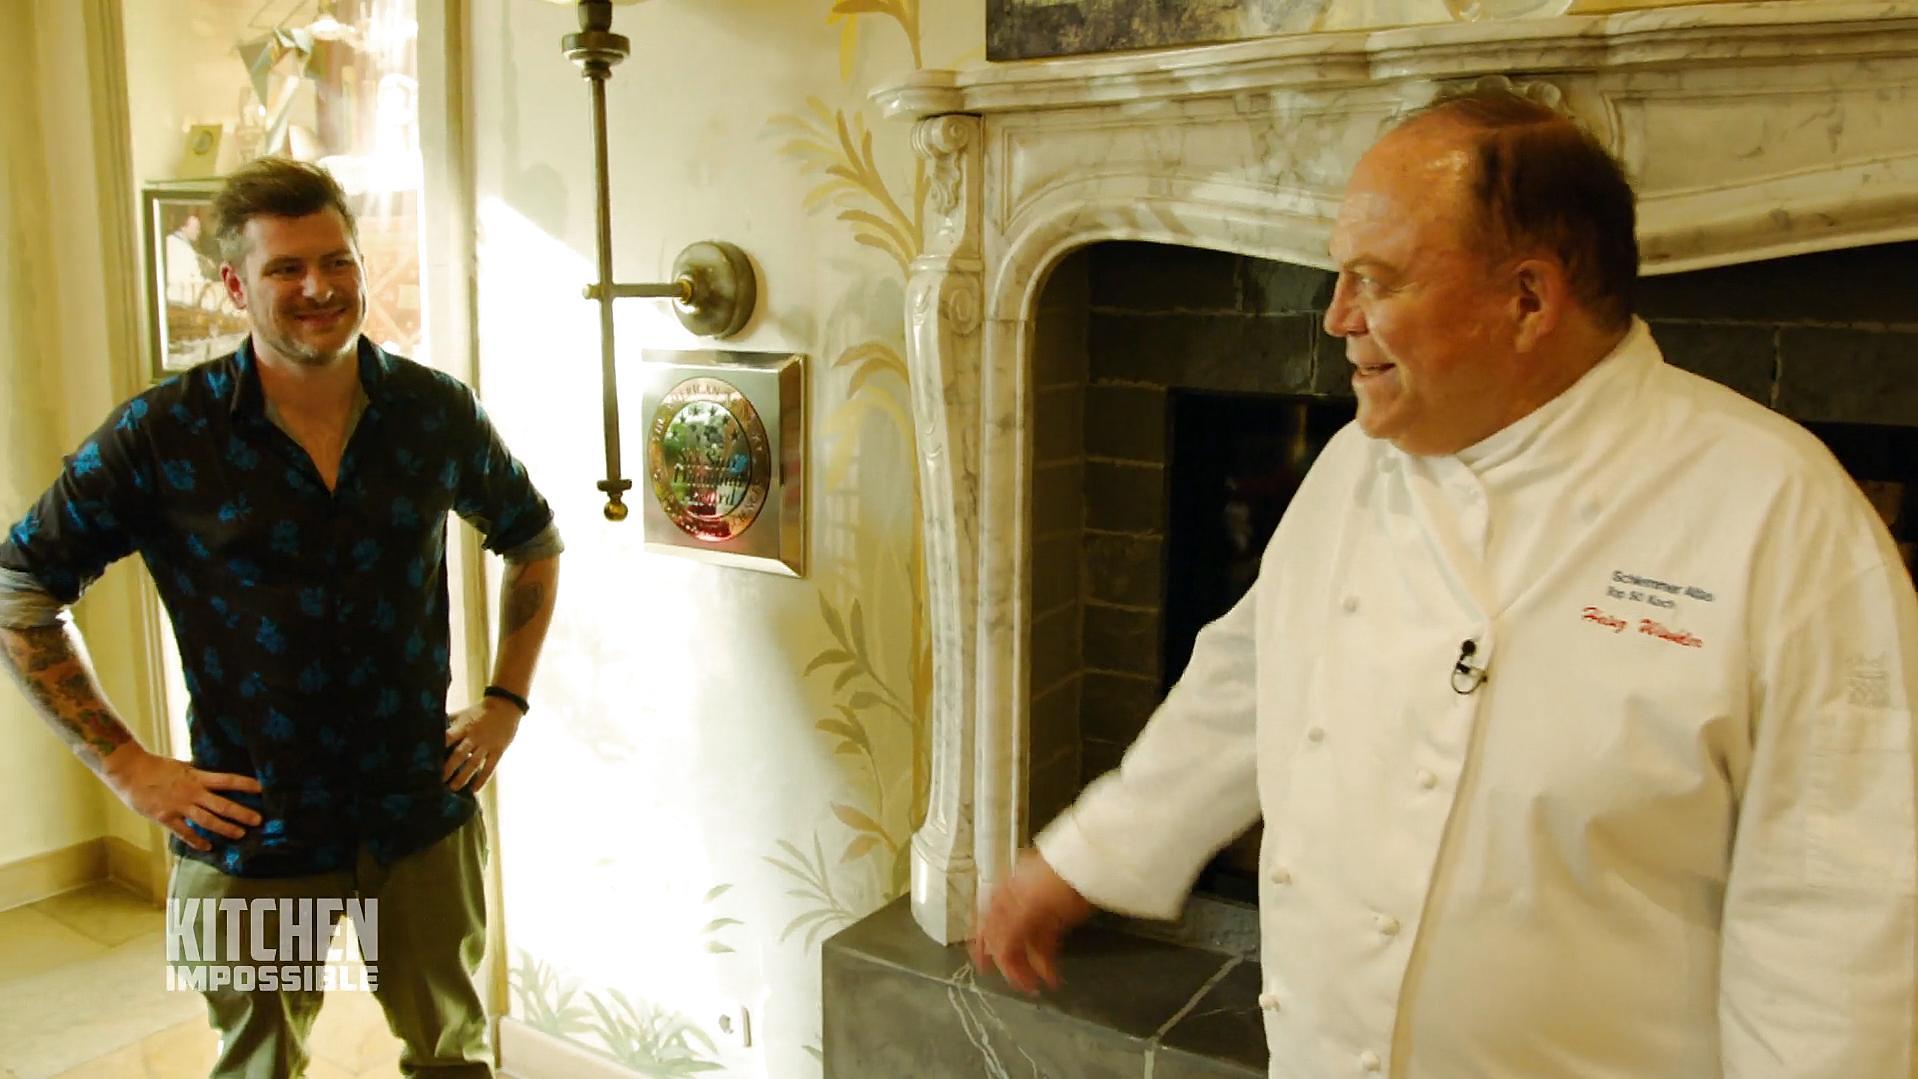 Kitchen Impossible: Daniel Gottschlich hat einen riesigen Respekt beim Treffen mit Heinz Winkler - VOX Online